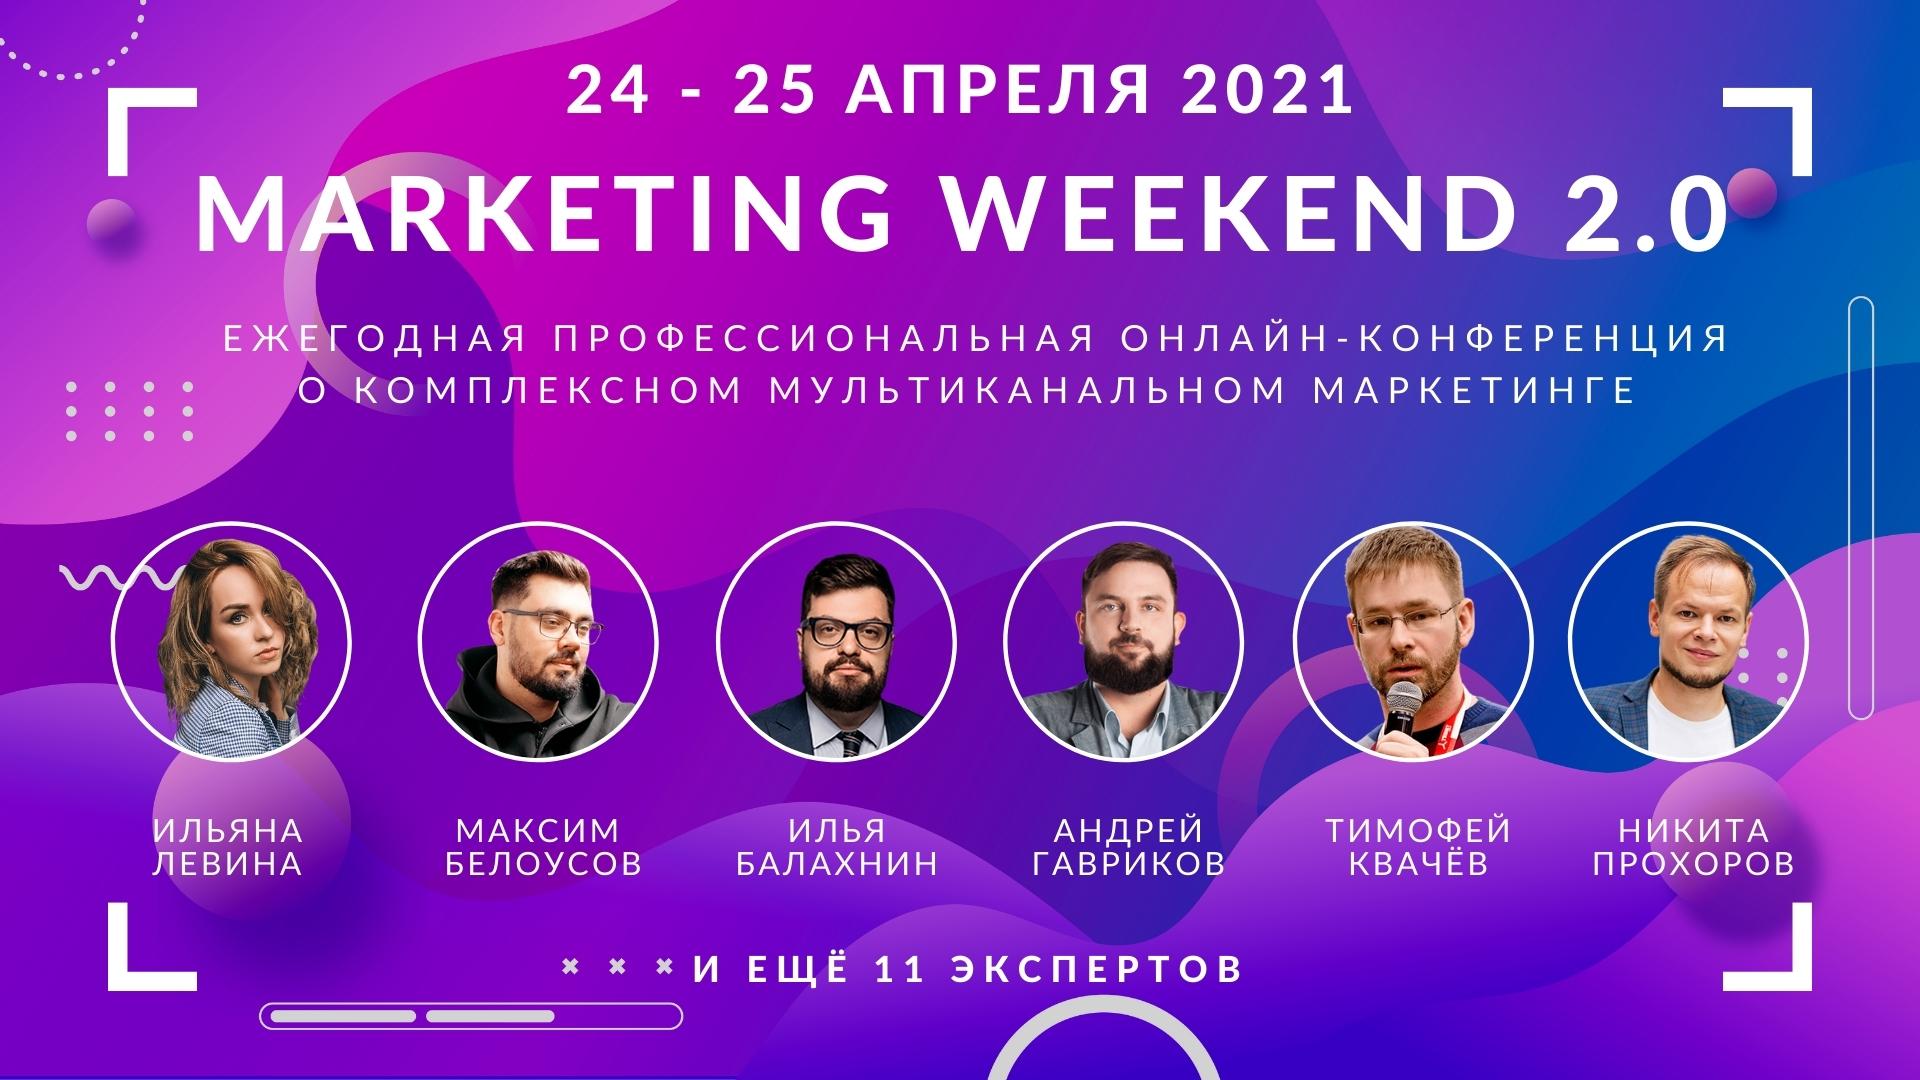 Marketing Weekend 2.0 - профессиональная конференция о комплексном маркетинге